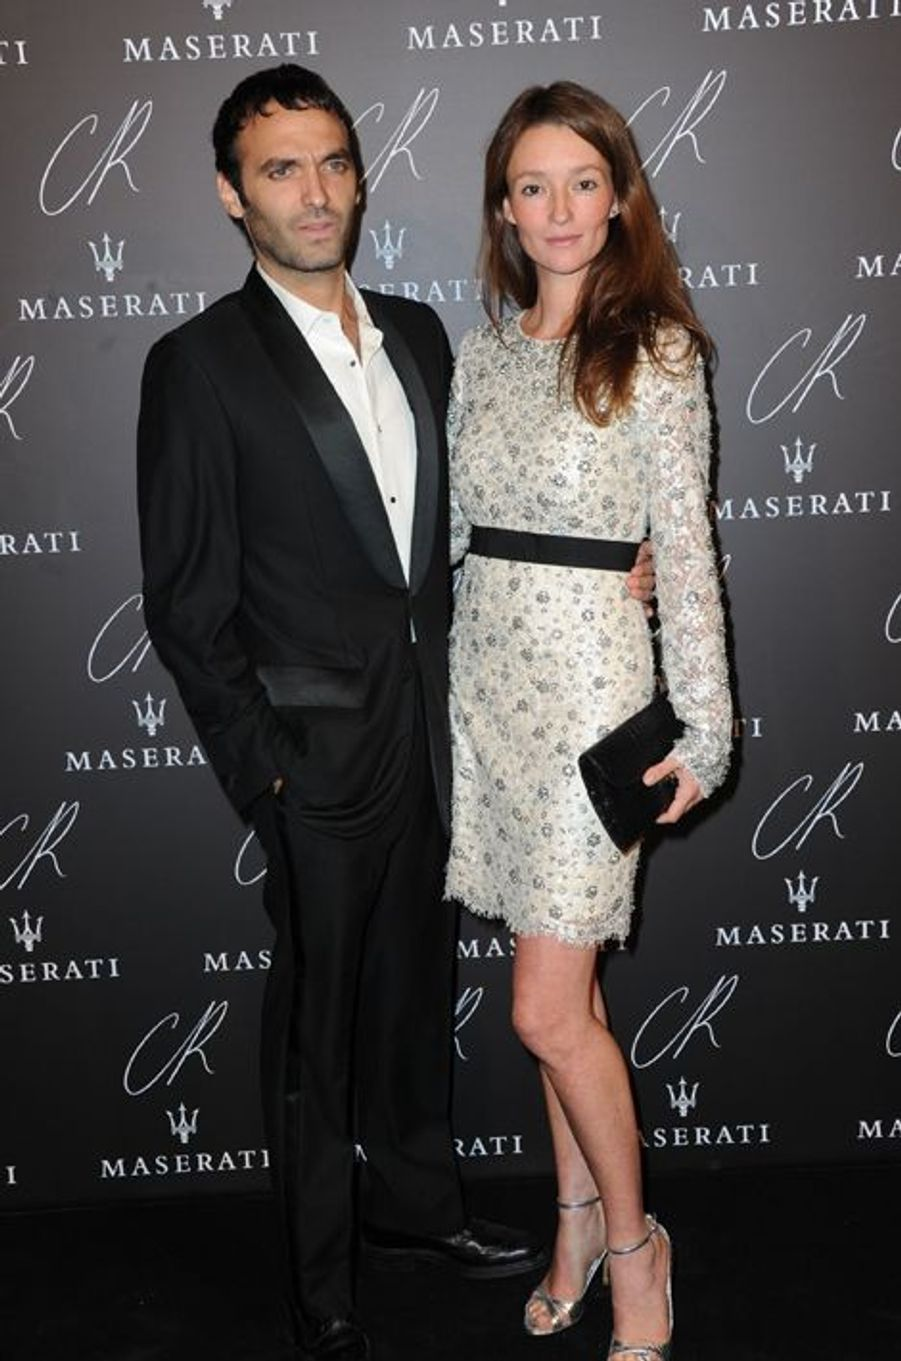 Stephan Gan et Audrey Marnay à la soirée CR Fashion Book organisée à Paris le mardi 30 septembre 2014